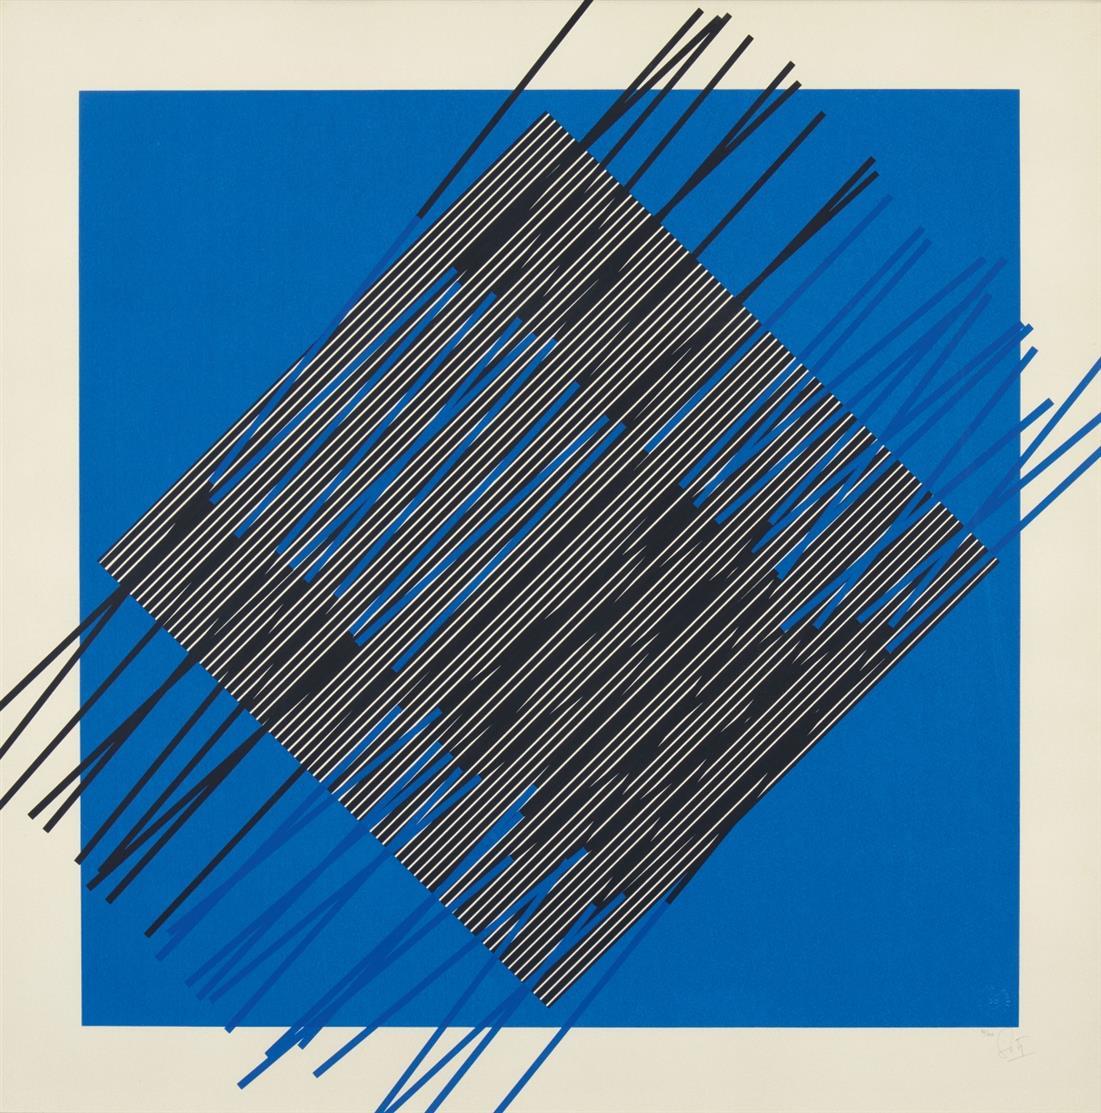 Jesus Raphael Soto. Ohne Titel. Farbserigraphie. Signiert. Ex. 82/200.